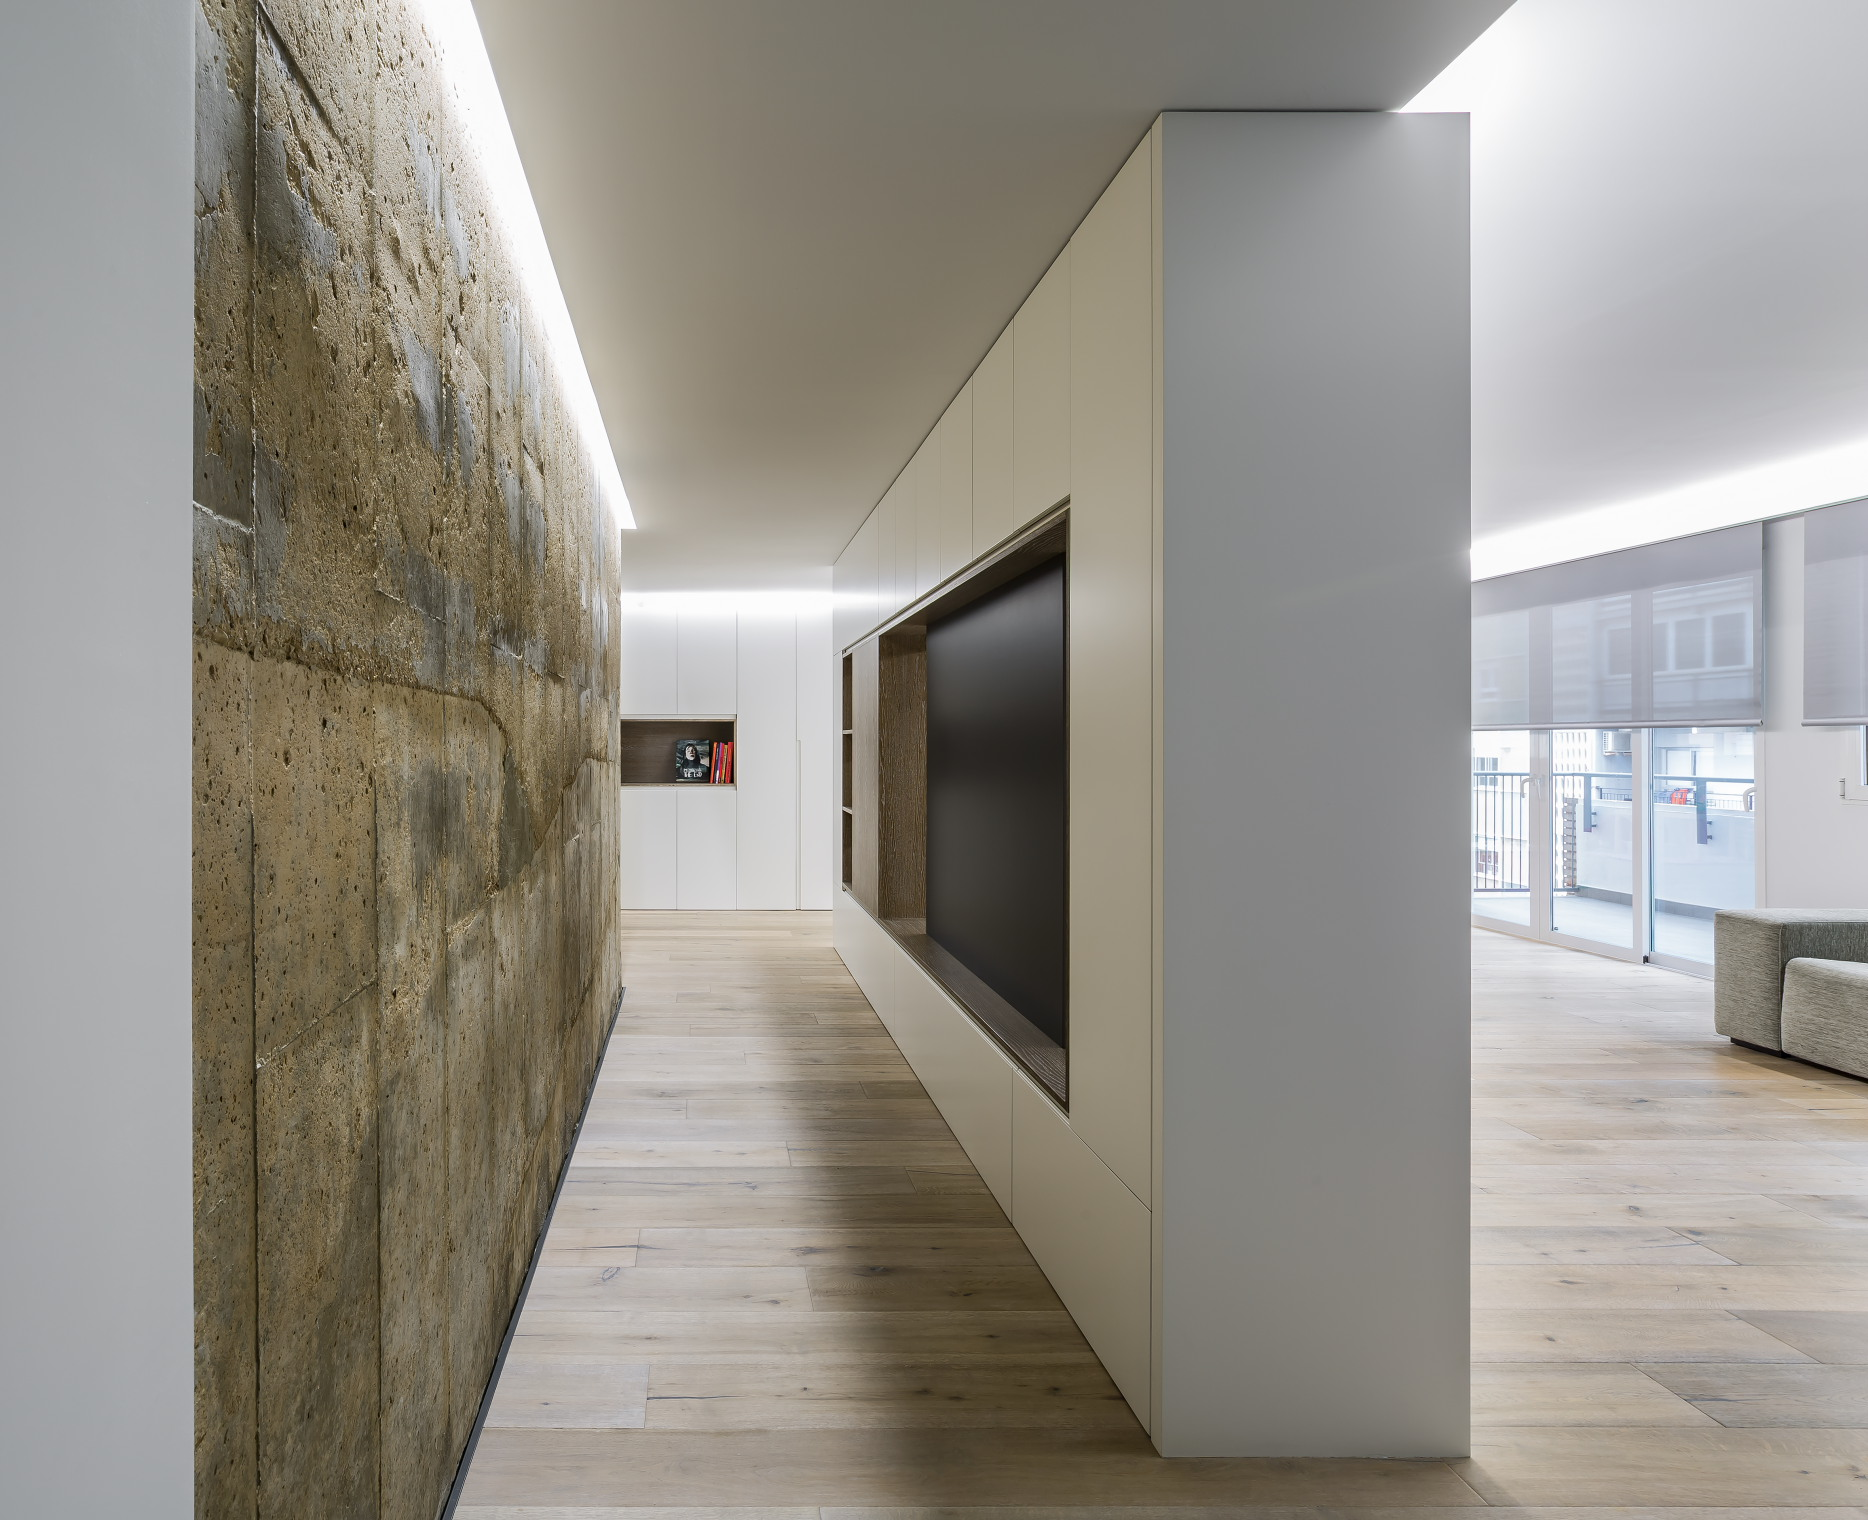 fotografia-arquitectura-valencia-german-cabo-ambau-gordillo (19)